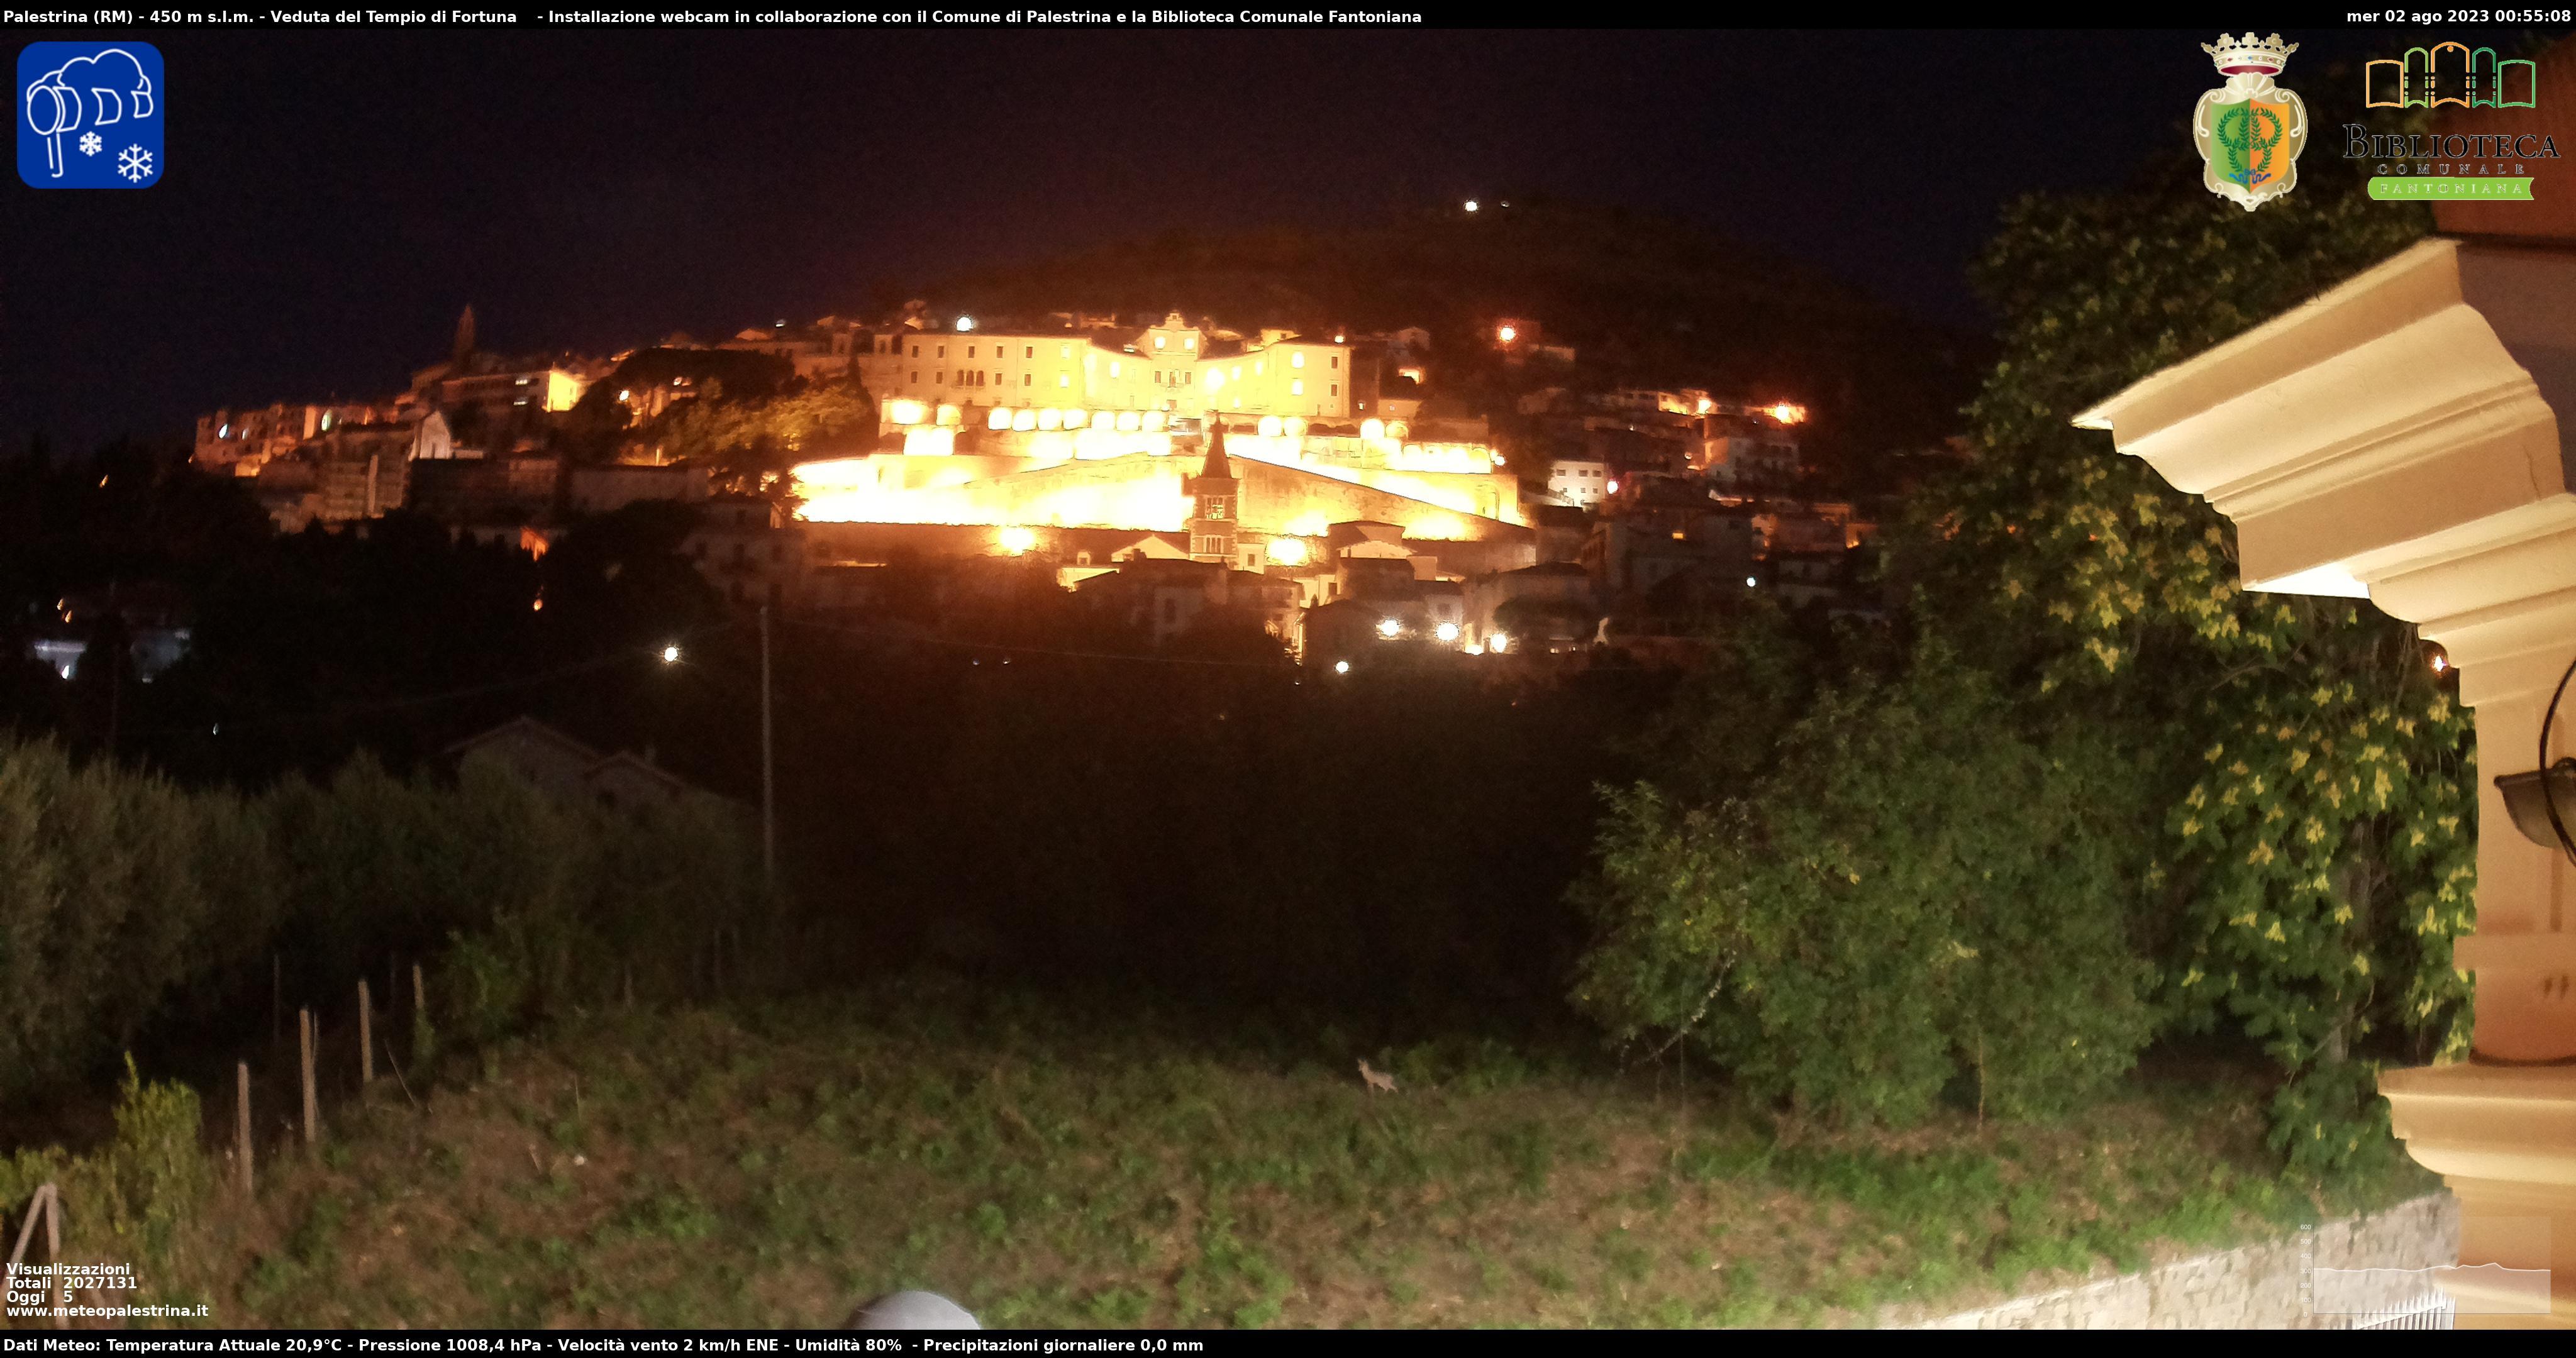 Panoramica Webcam Palestrina (Roma)